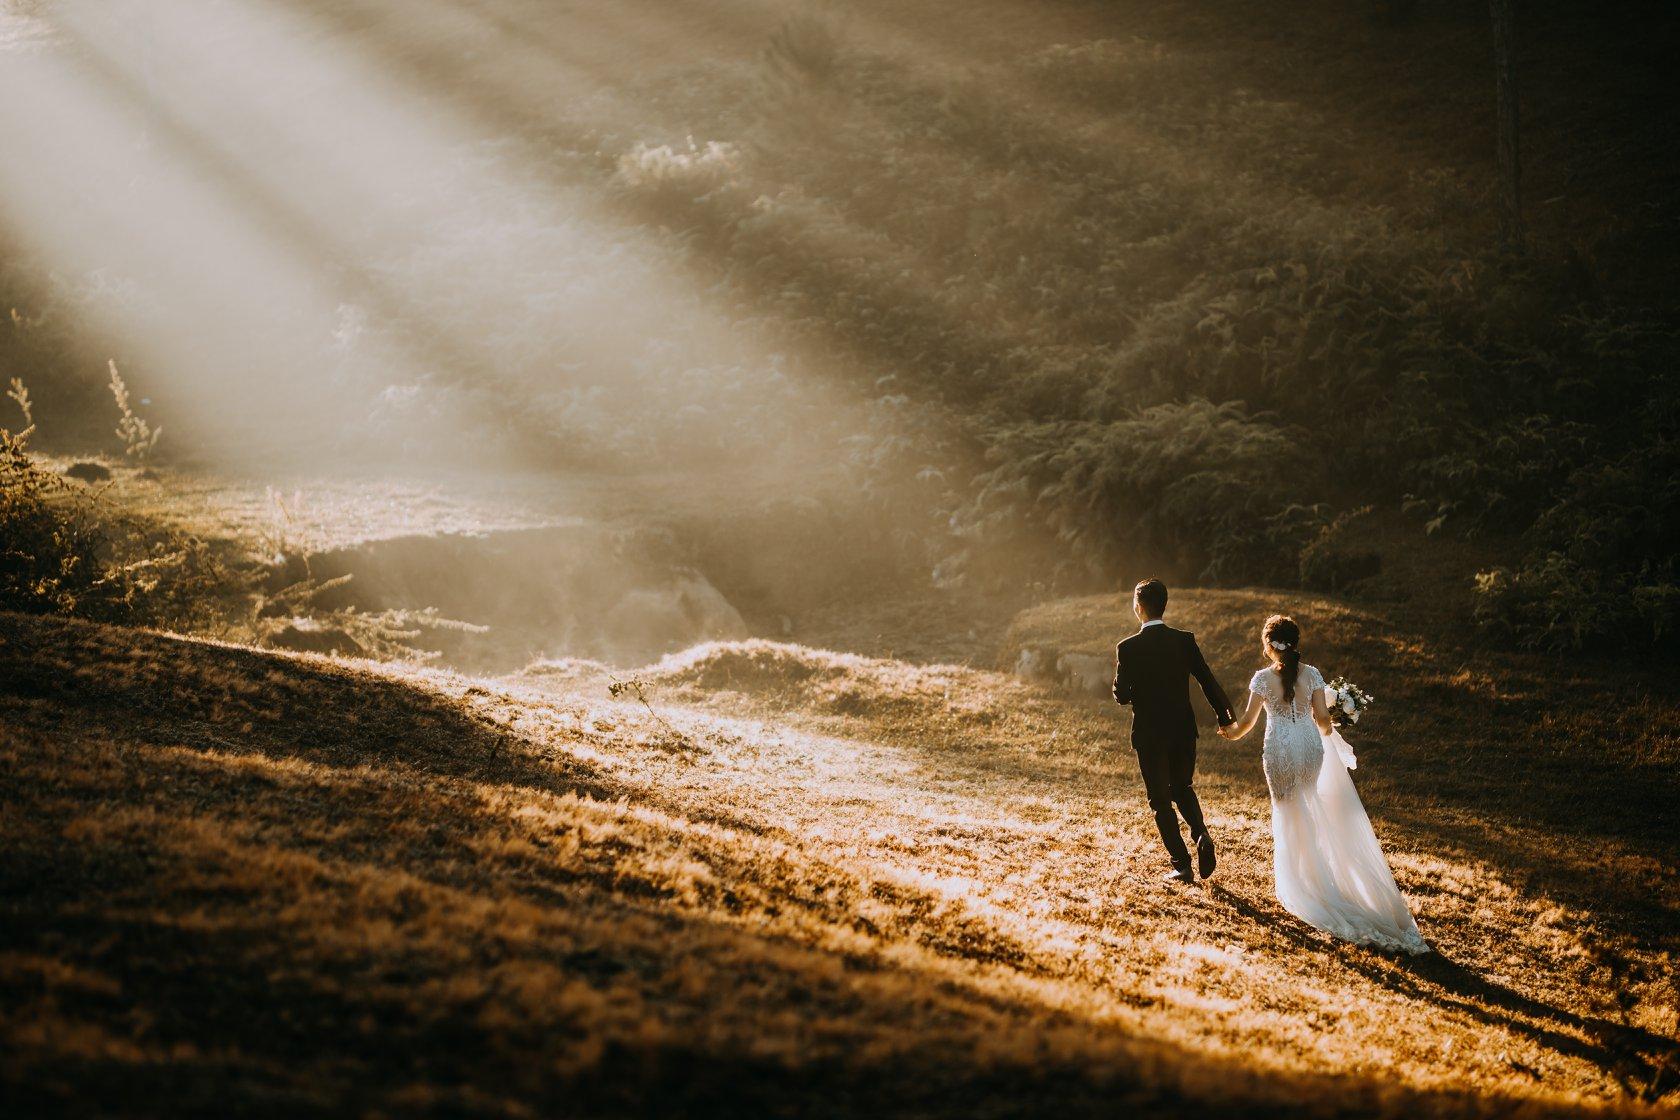 Xếp hạng 10 Studio chụp ảnh cưới đẹp nhất Đà Lạt - Nấm Wedding